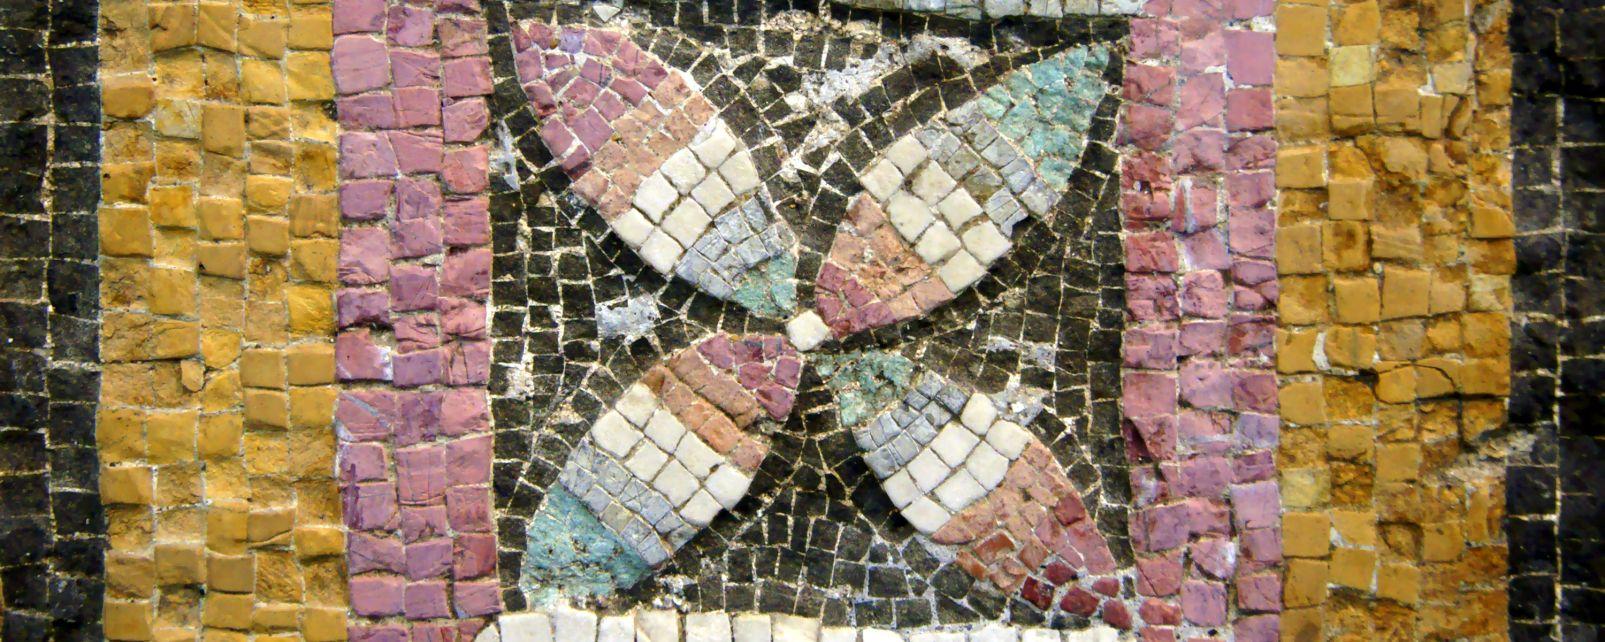 Das Museum des römischen Palastes von Chiches, Das Museum des römischen Palastes von Chichester, Die Künste und die Kultur, England